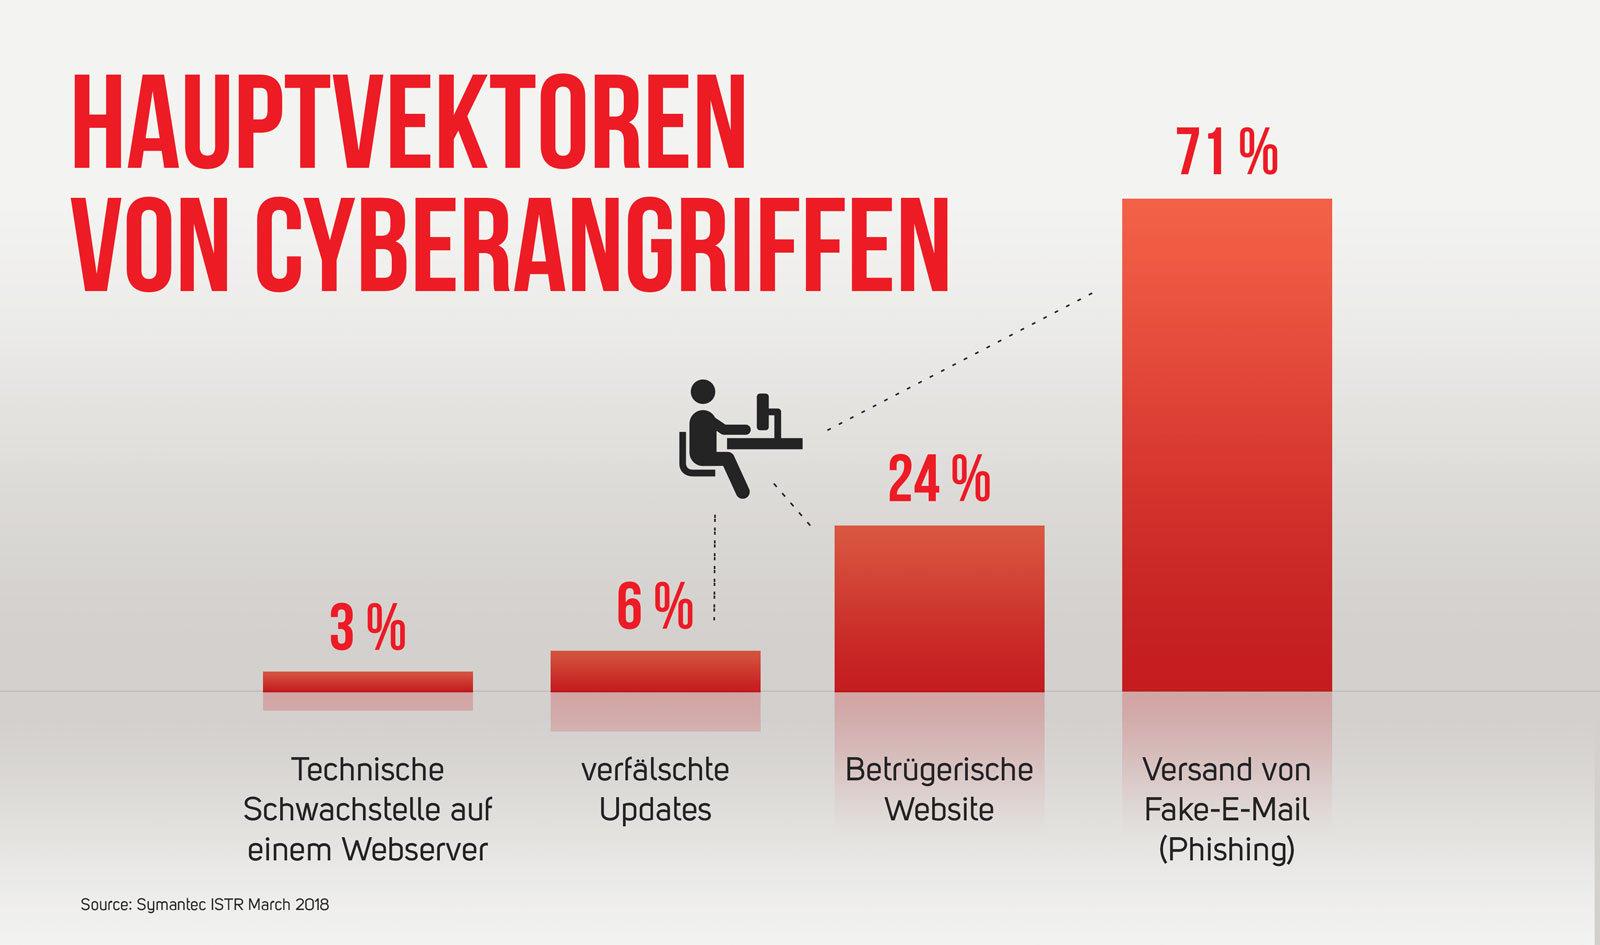 Hauptvektoren von Cyberangriffen